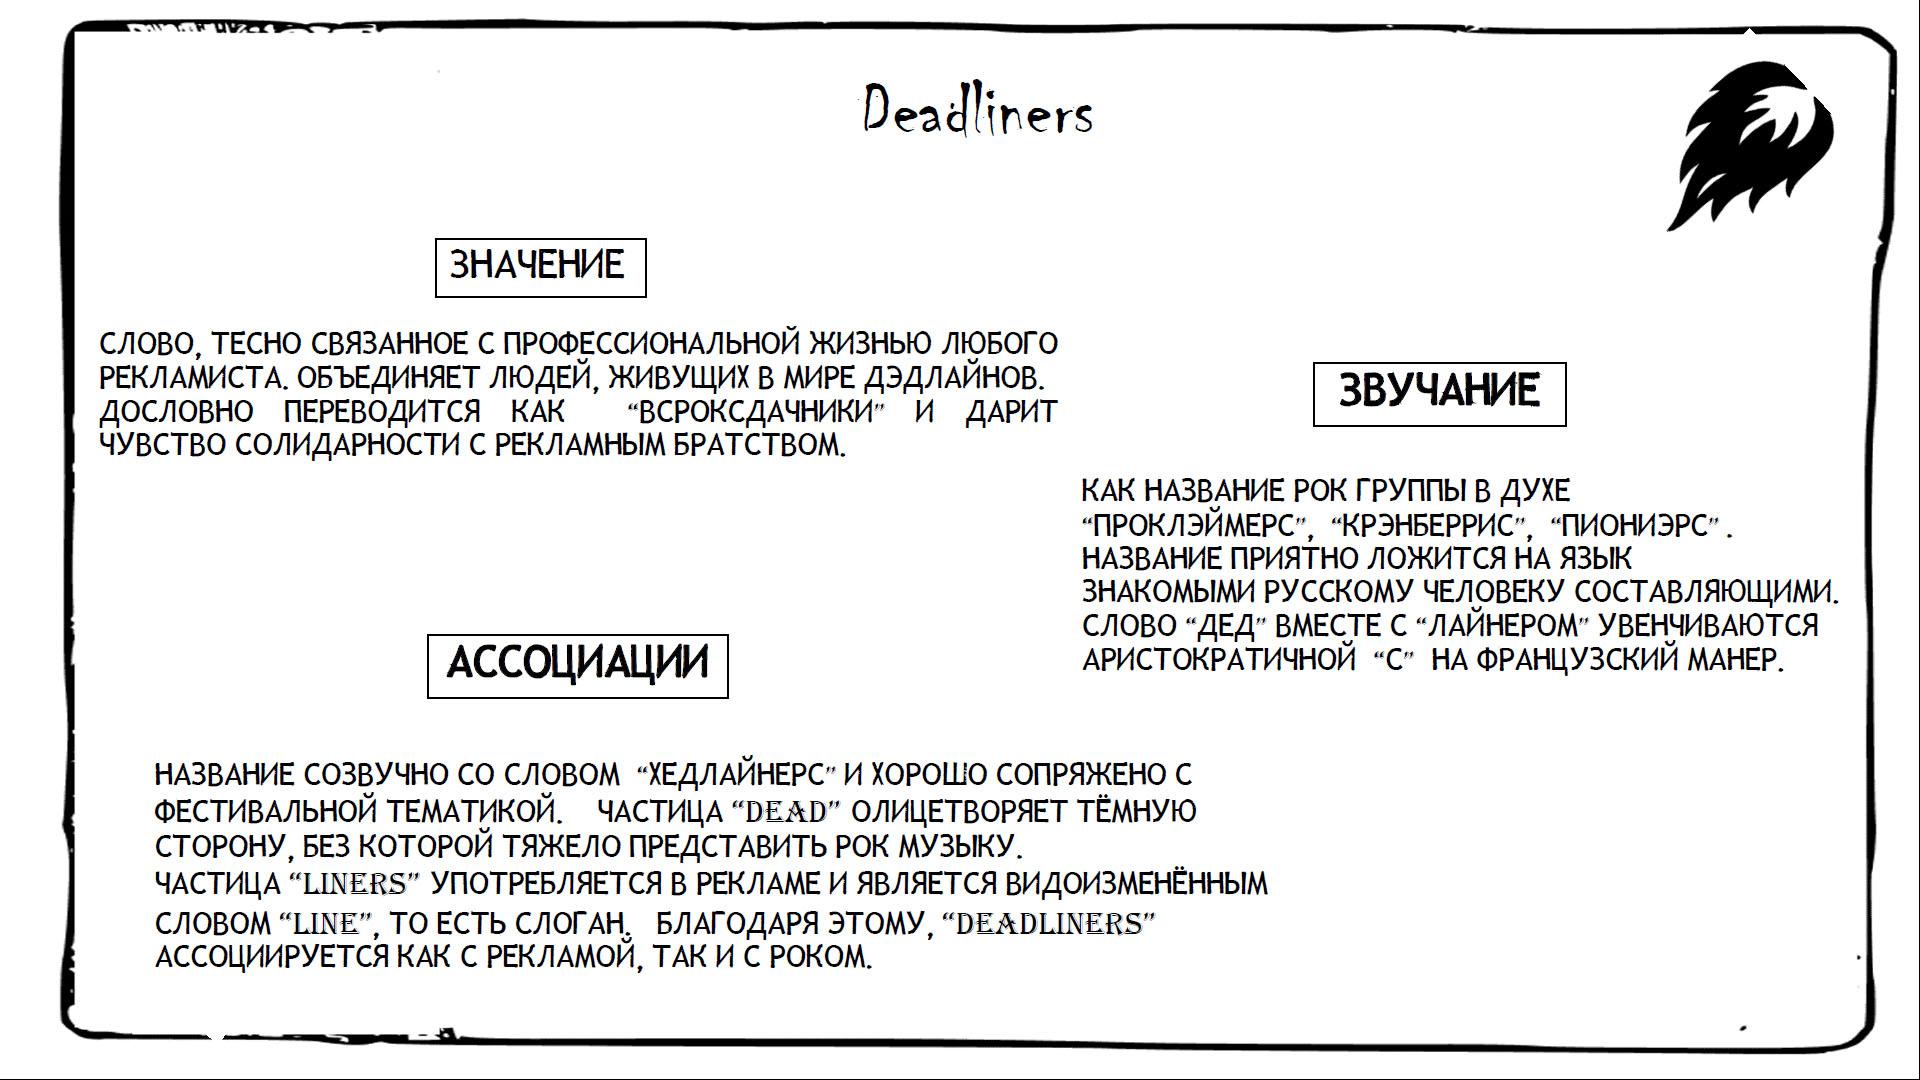 deadliners1